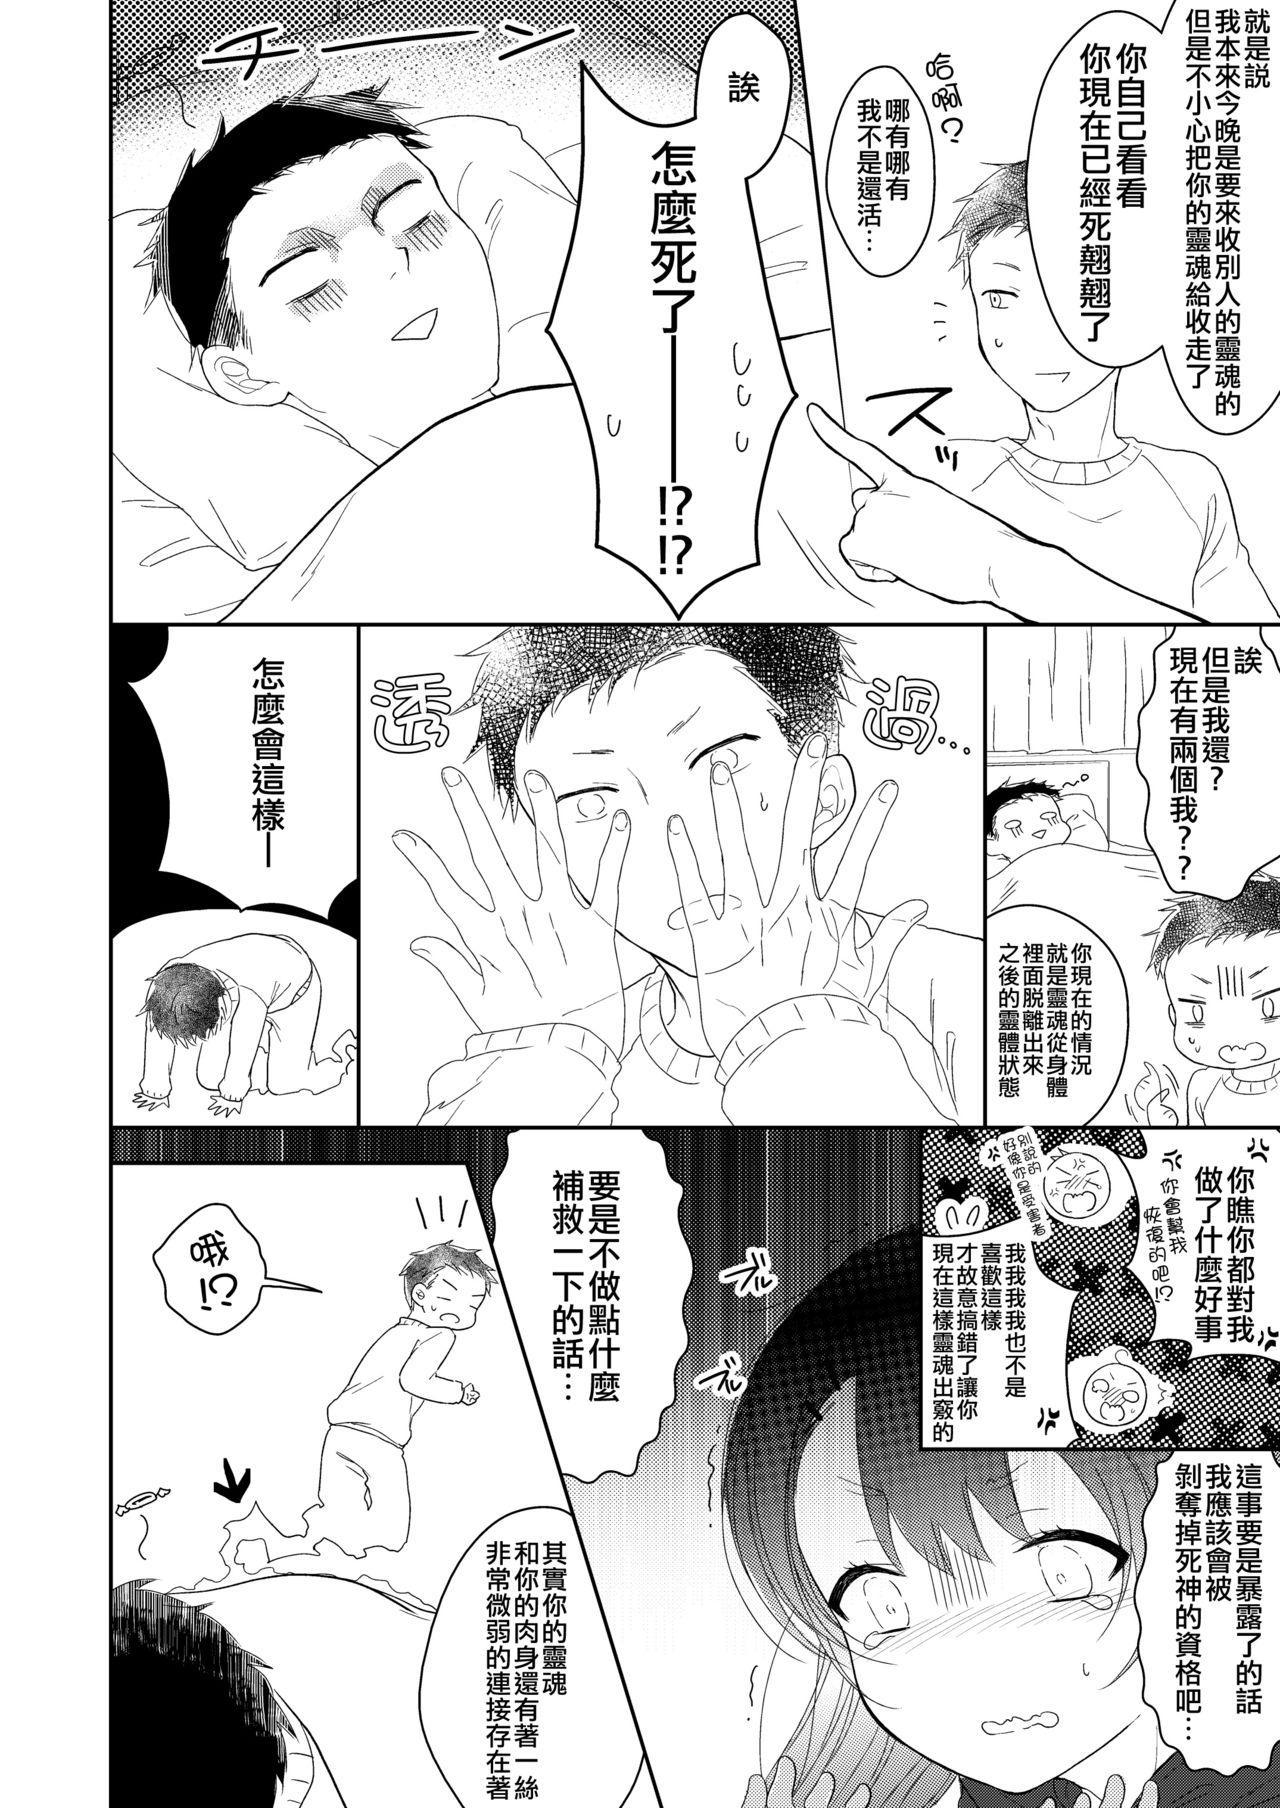 Shinigami wa Otokonoko!? 5